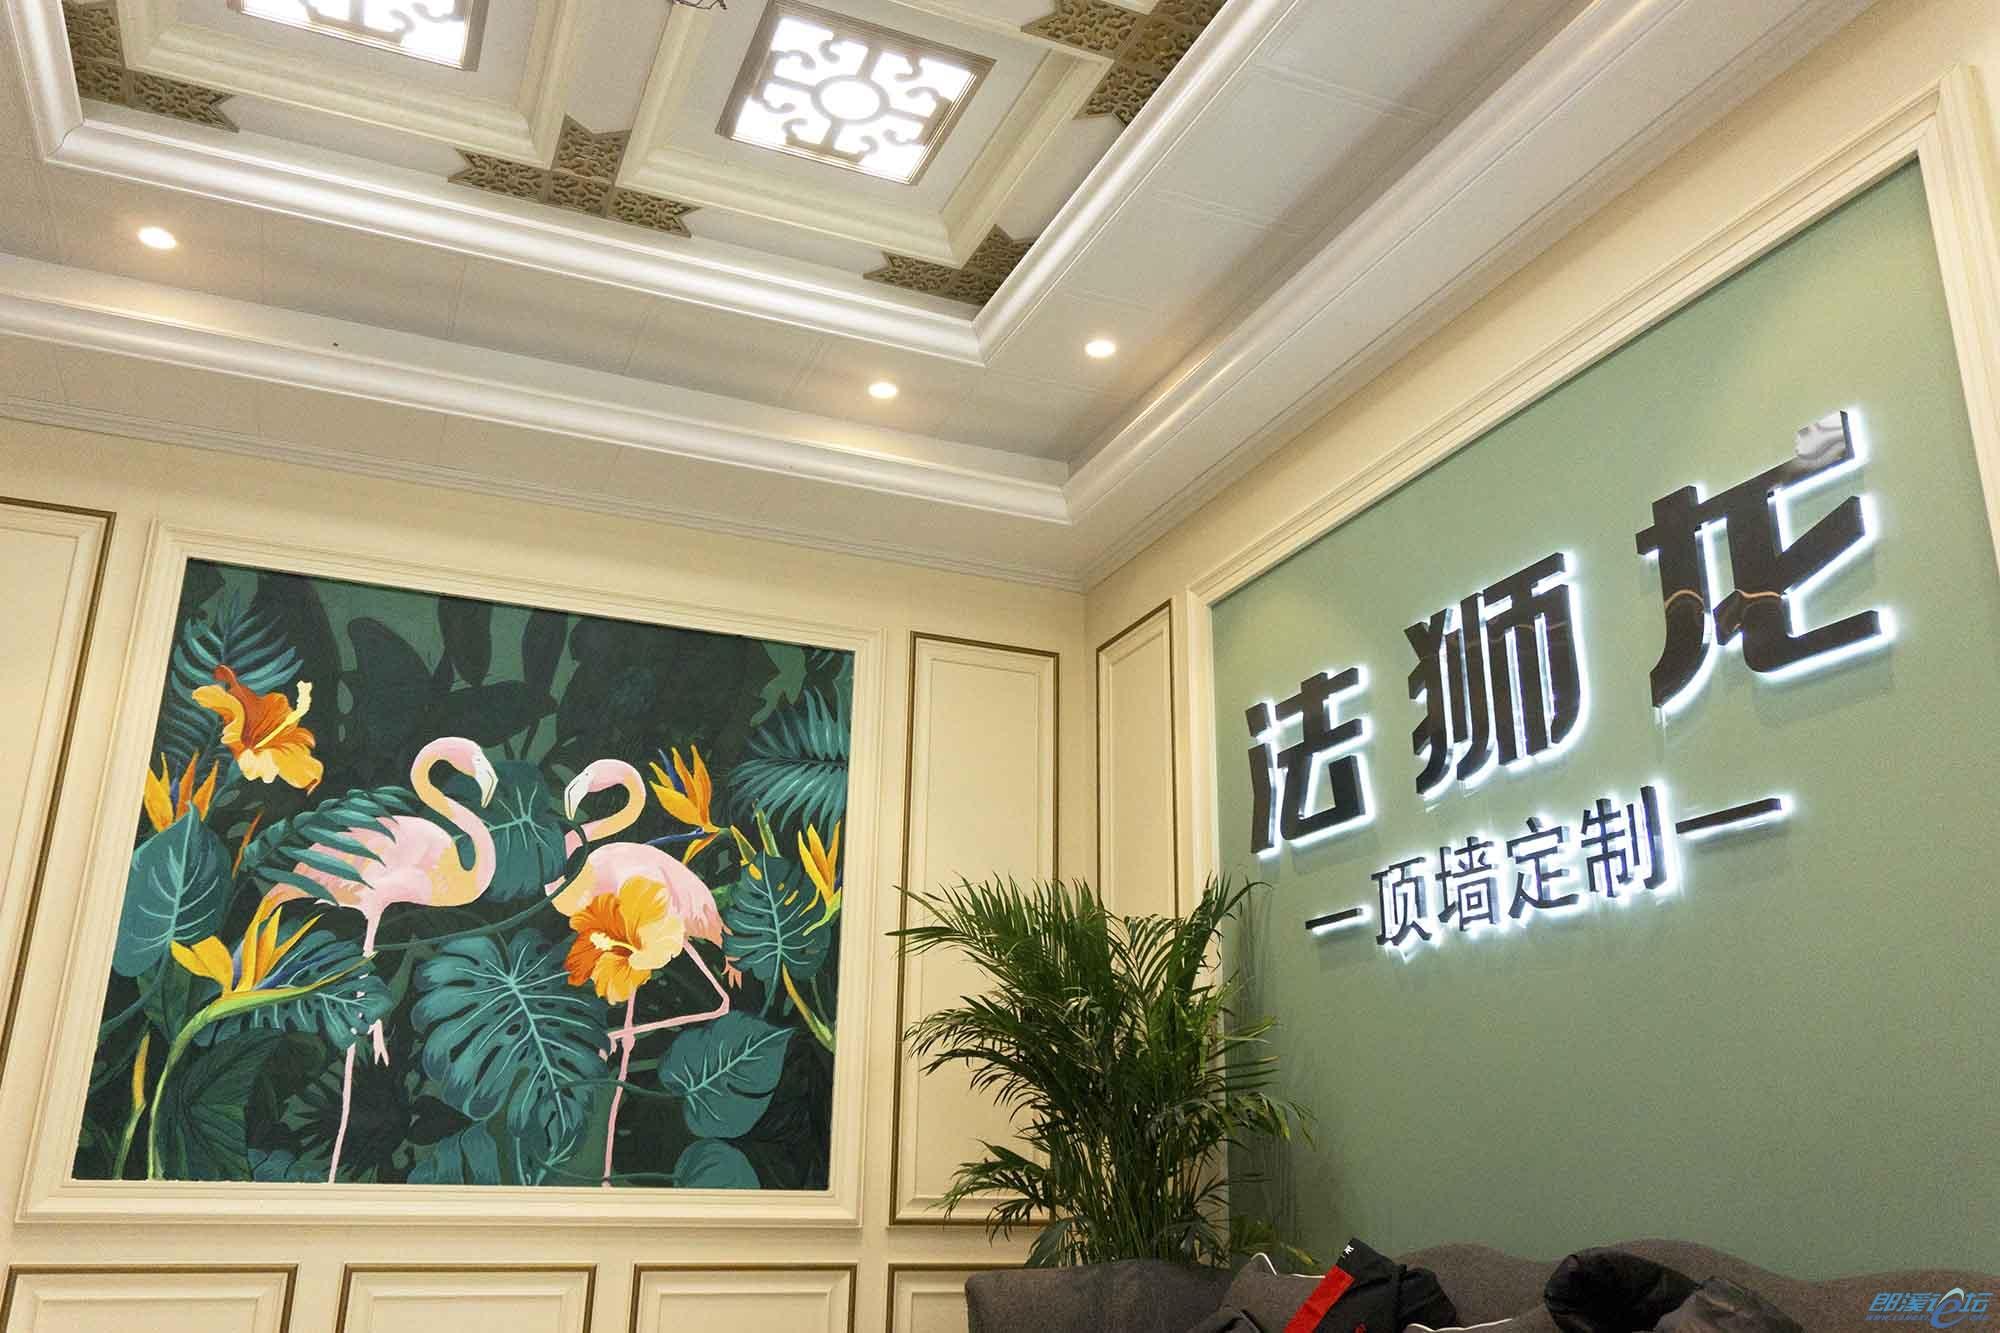 精美墙绘,打造特色的小店,彩虹堂美术工作室